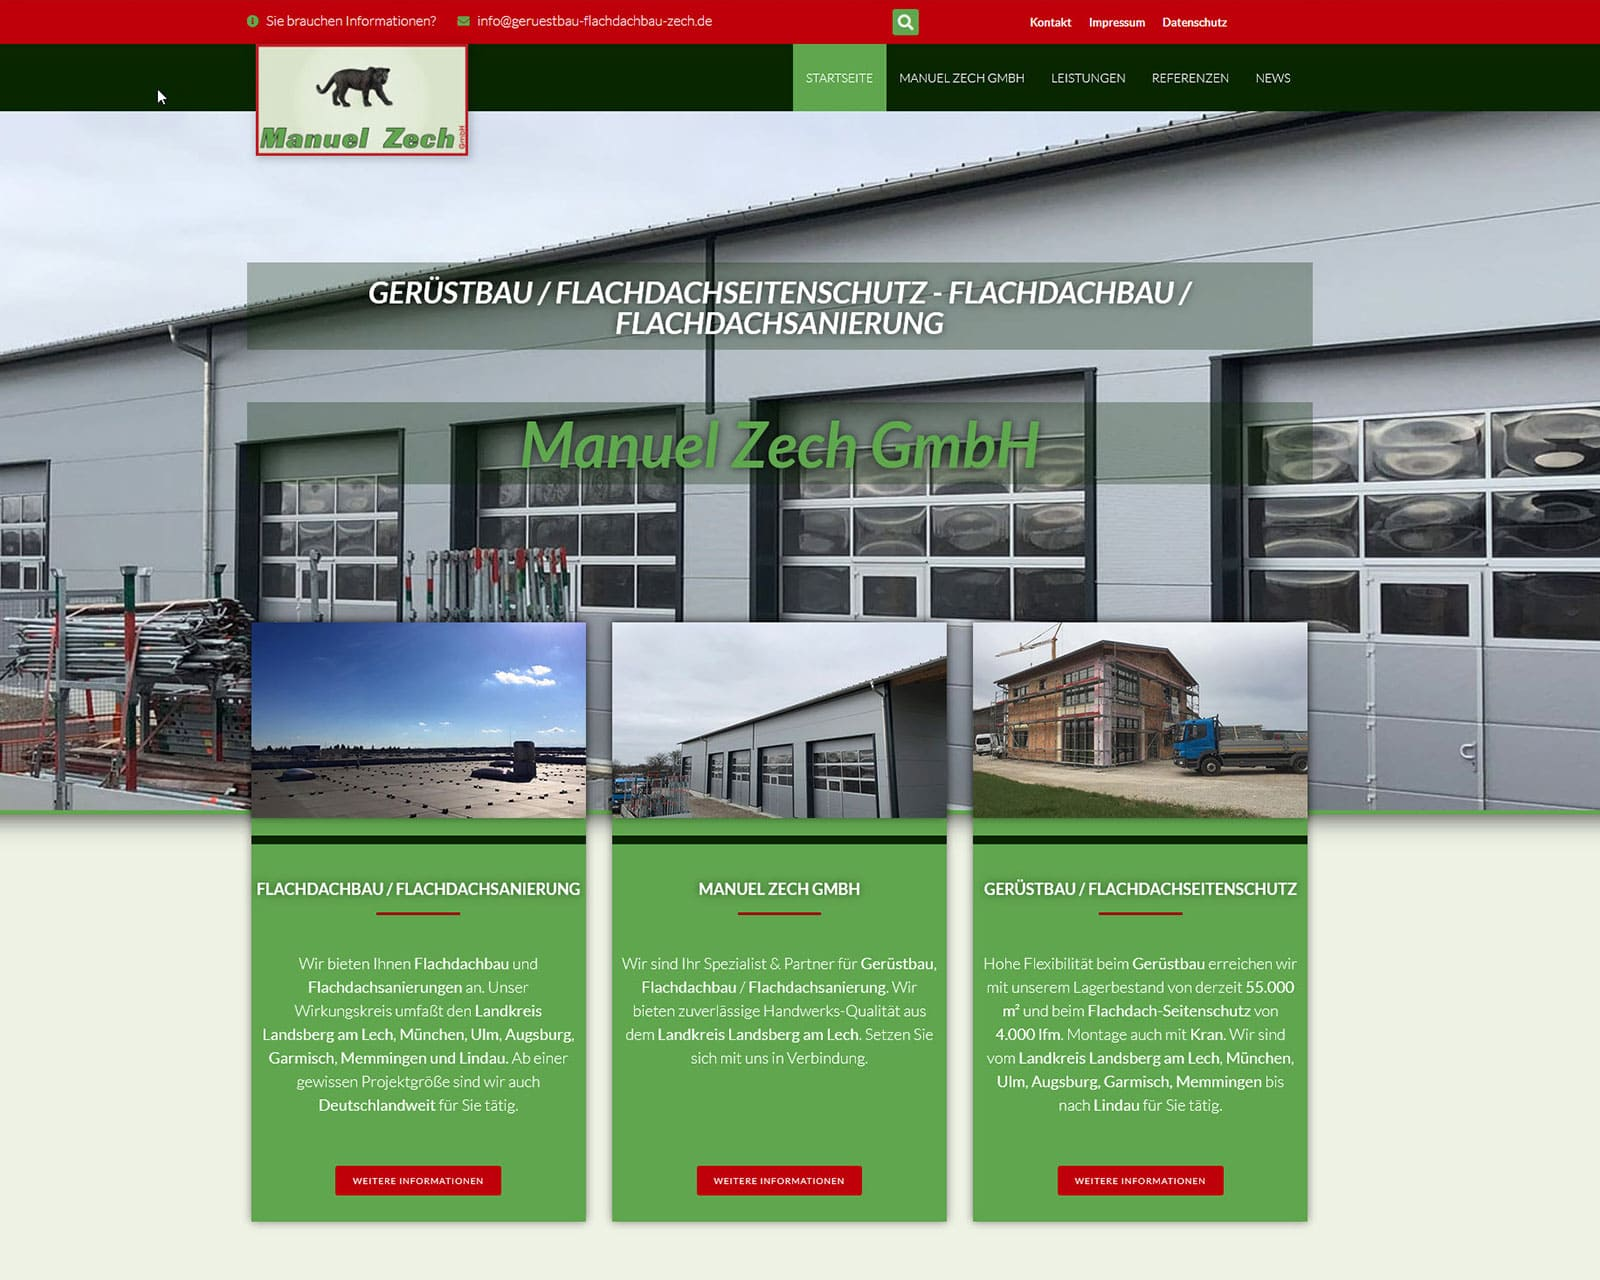 Manuel Zech GmbH